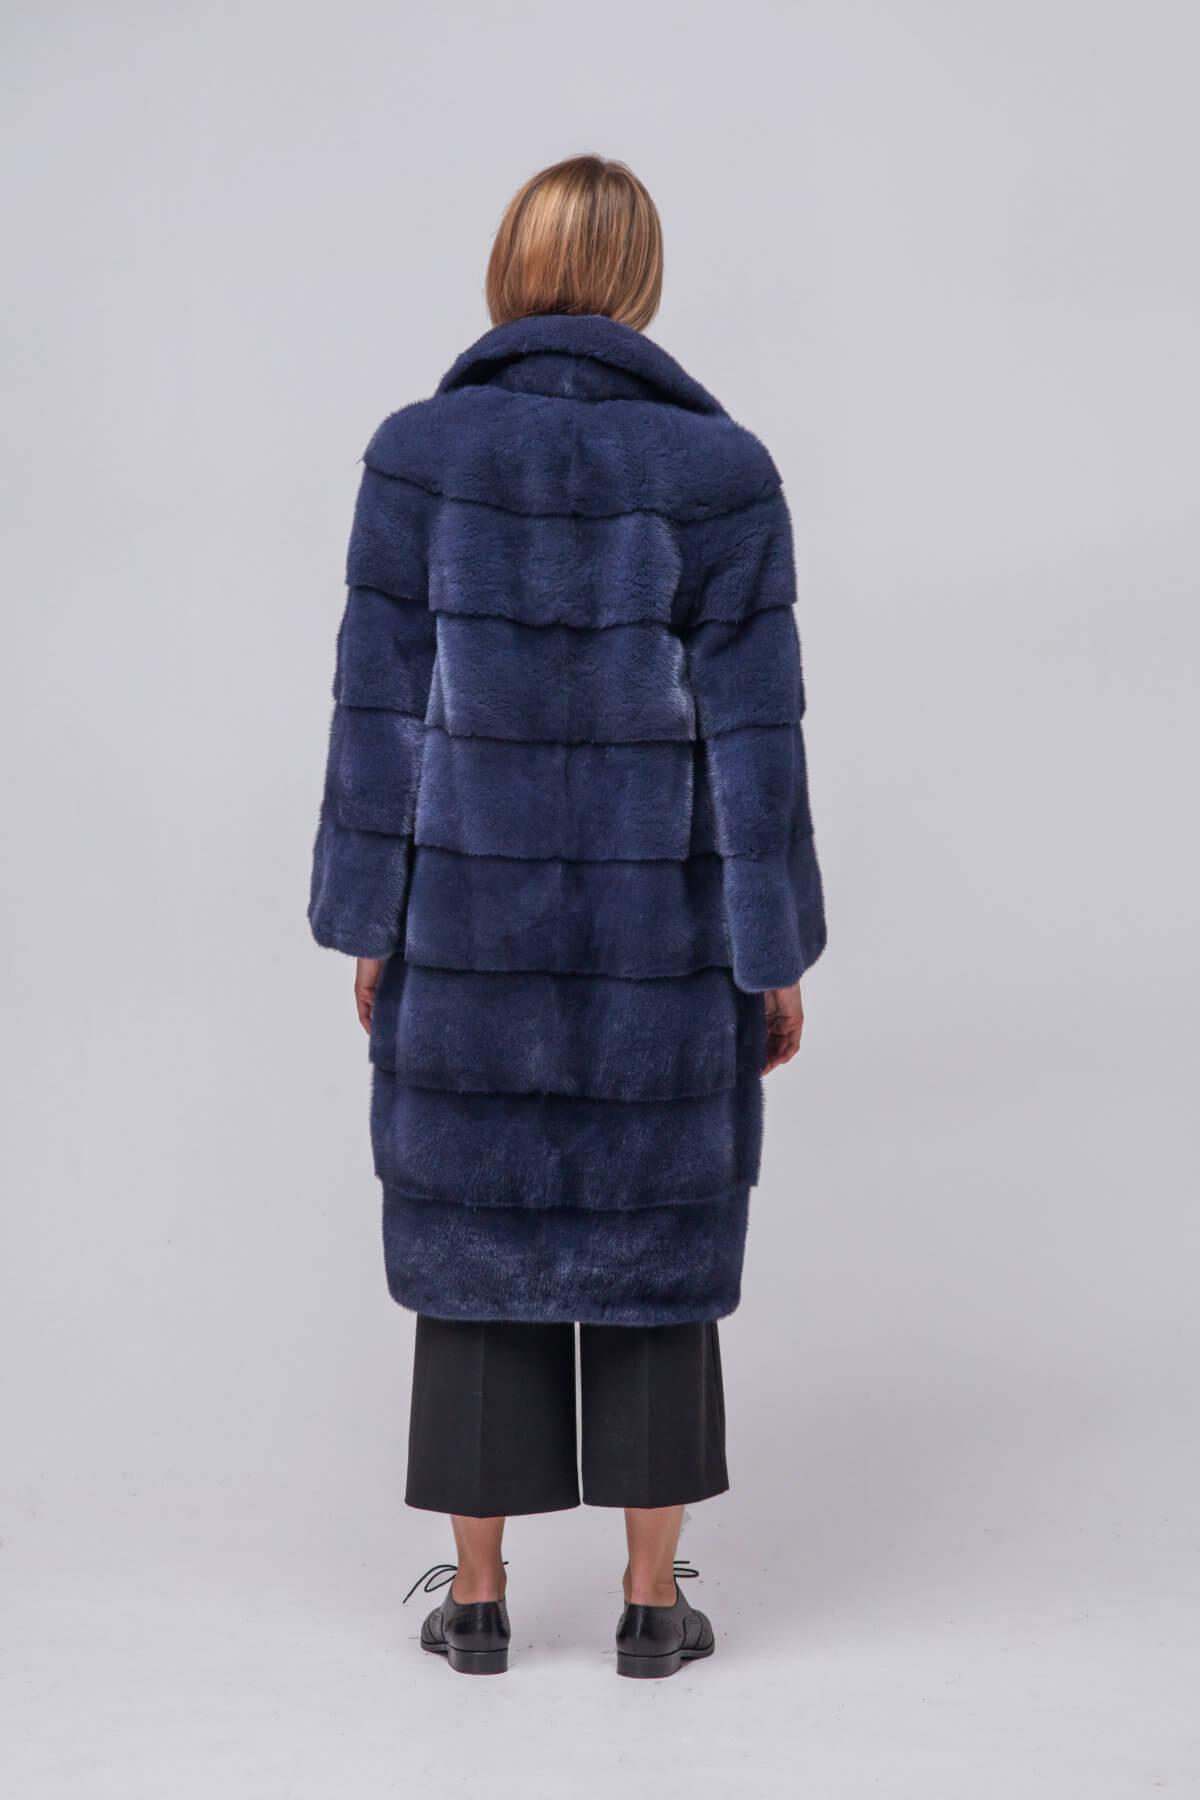 Пальто из европейской норки KOPENHAGEN FUR. Фото 7